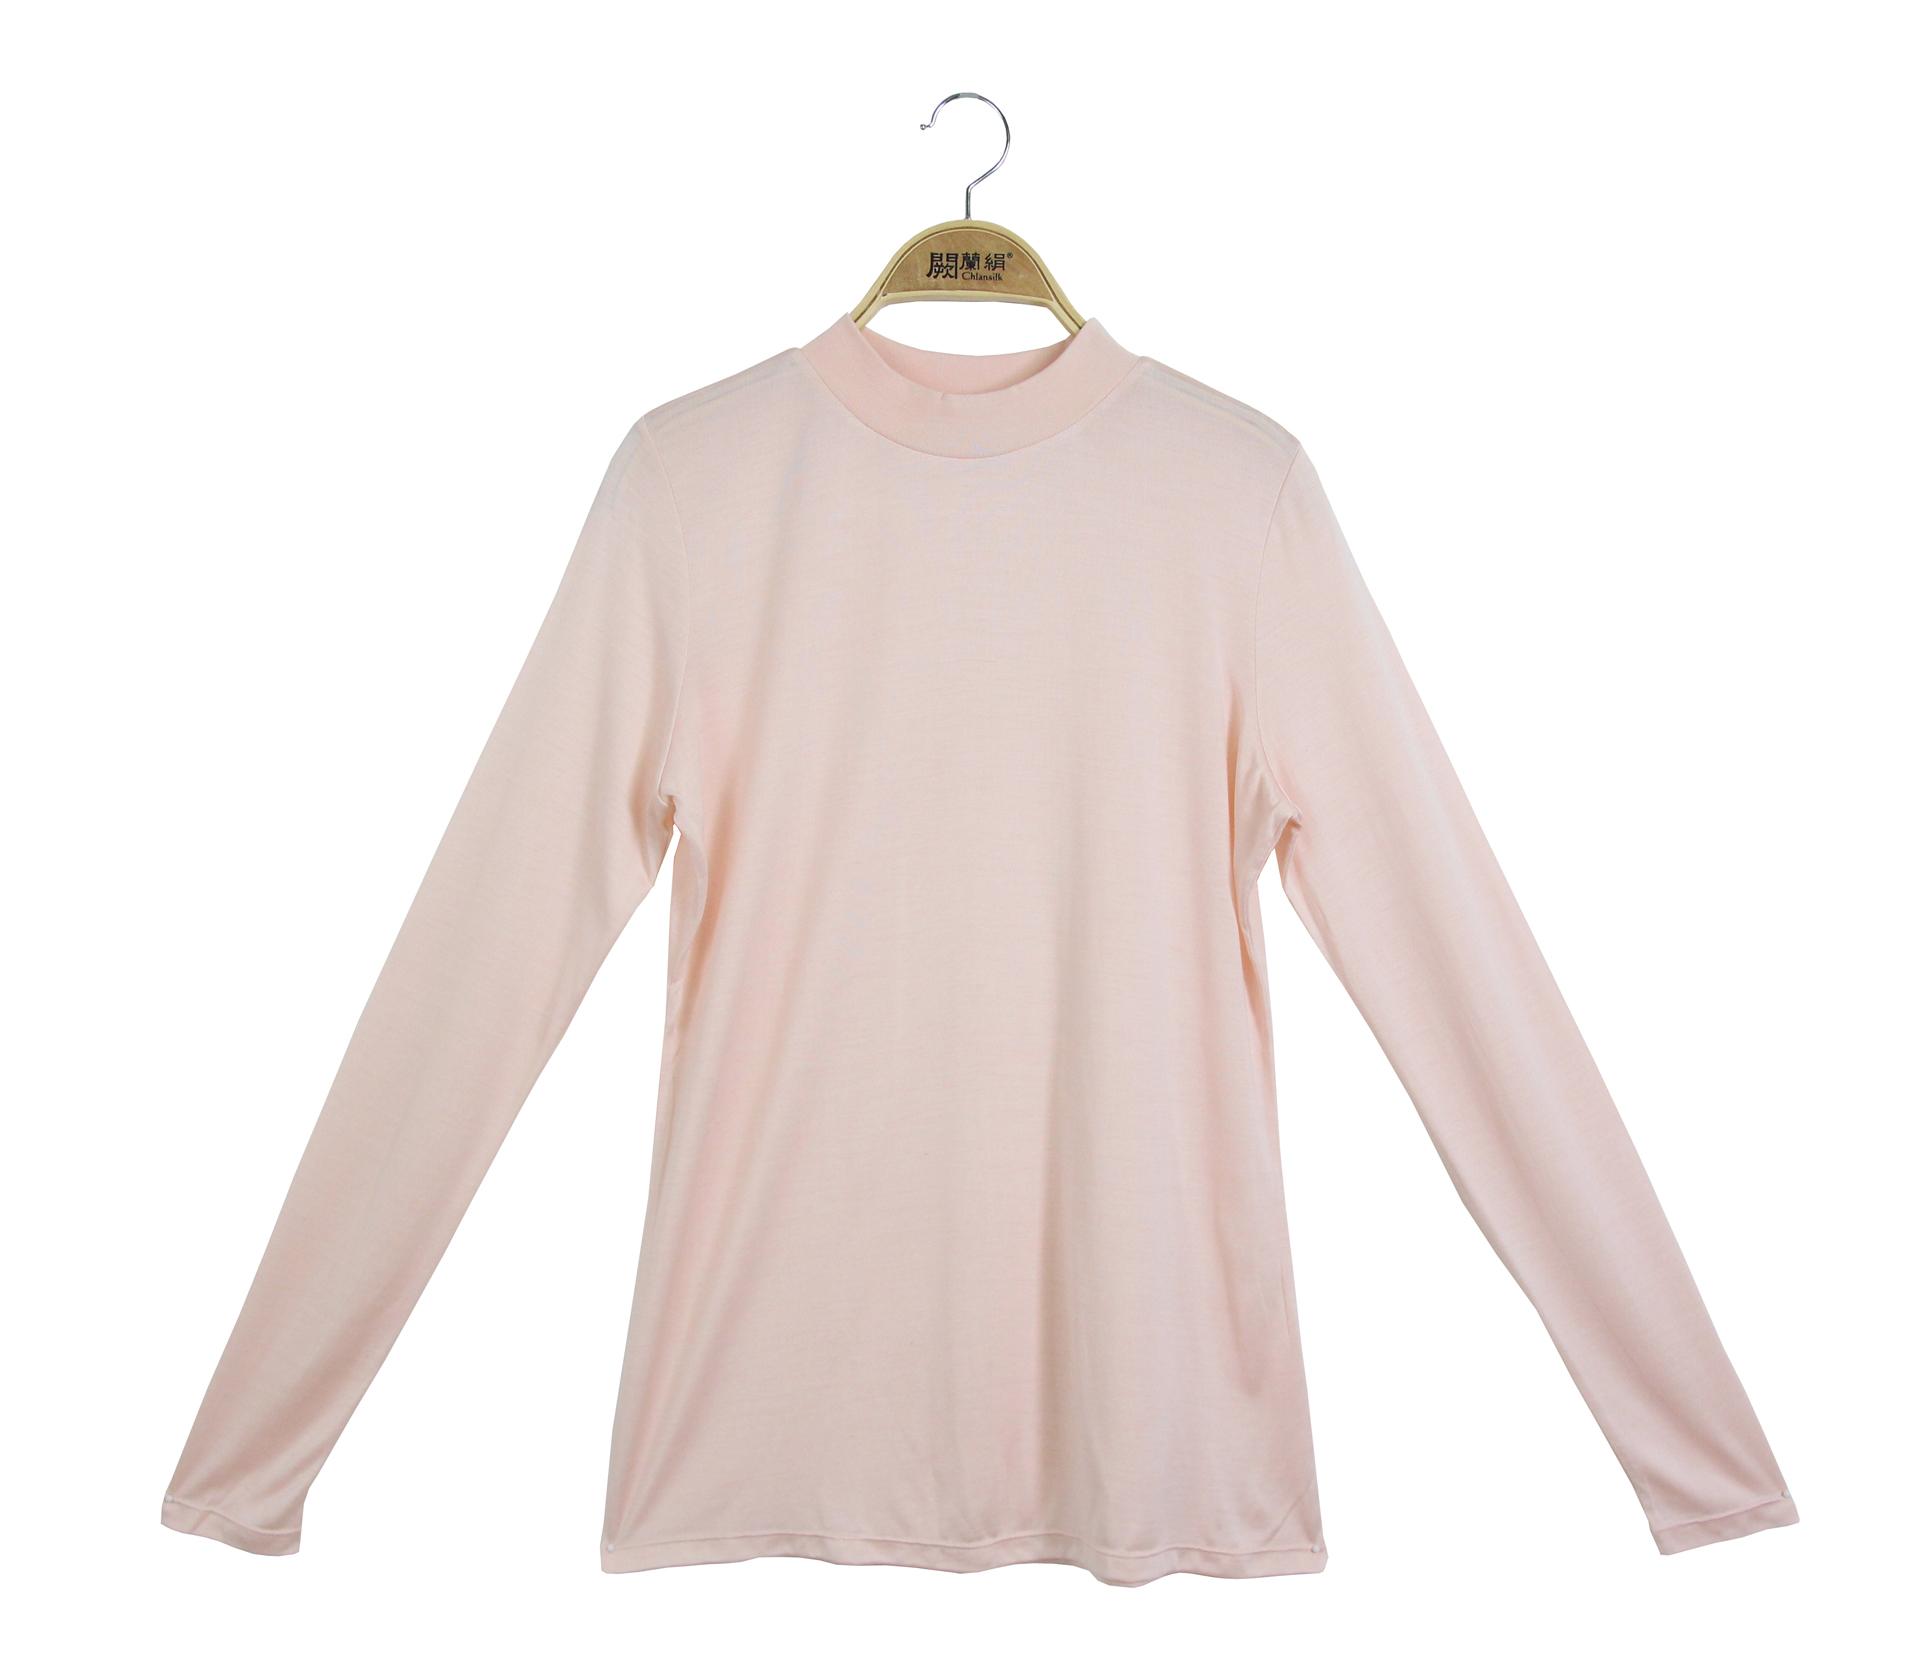 闕蘭絹素面長袖100%蠶絲立領衛生衣-粉色-9925